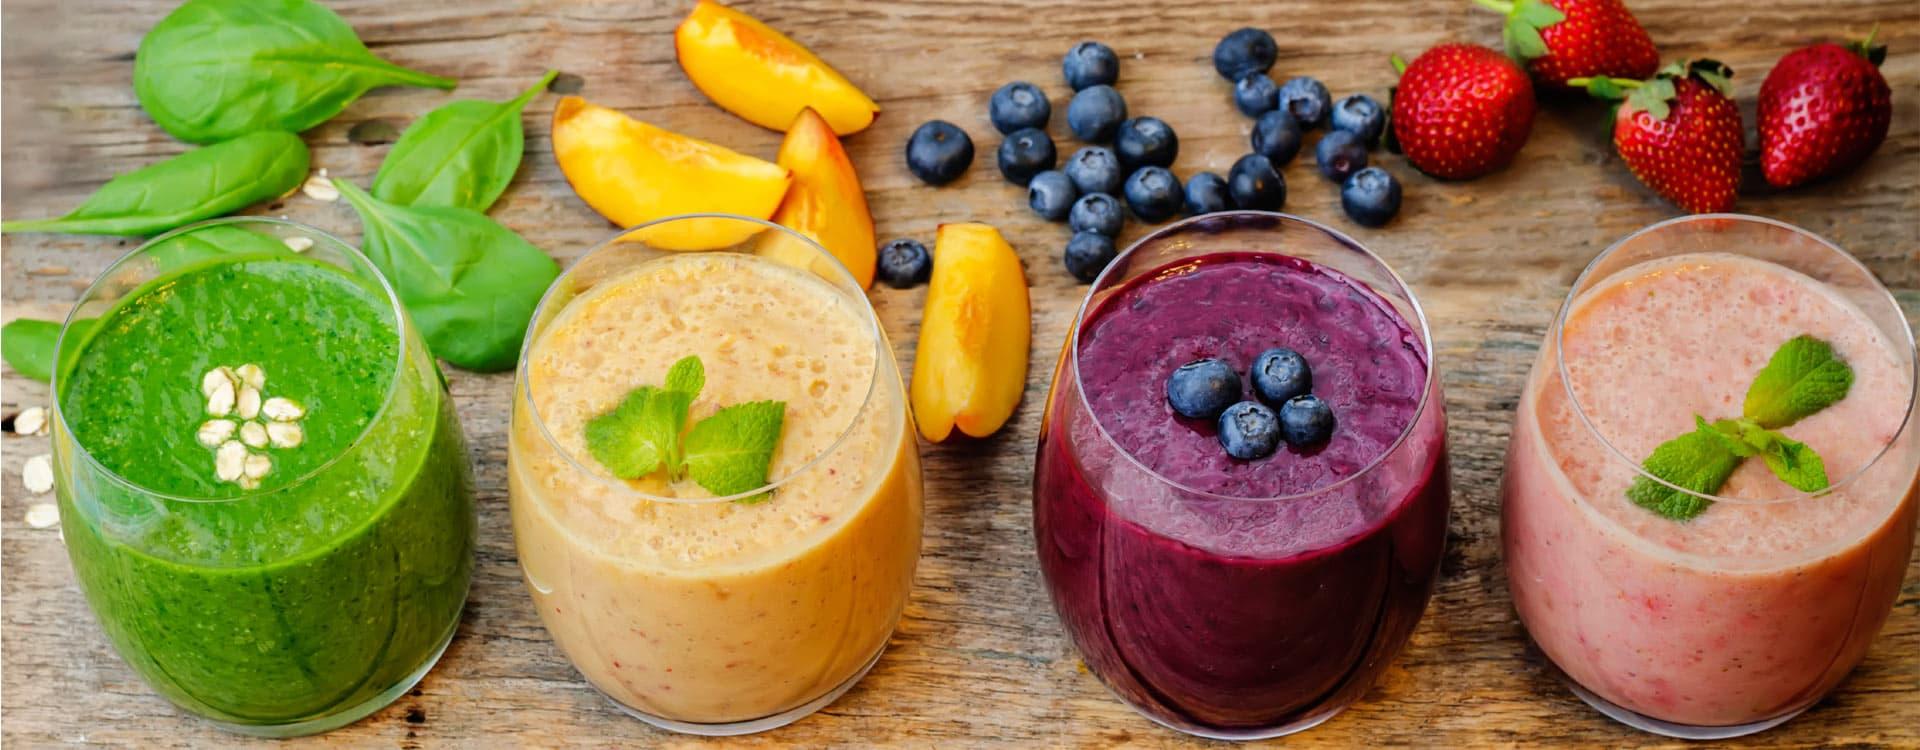 Lag smoothie kvelden før og frys den ned, så er den akkurat passe når det er tid for lunsj.